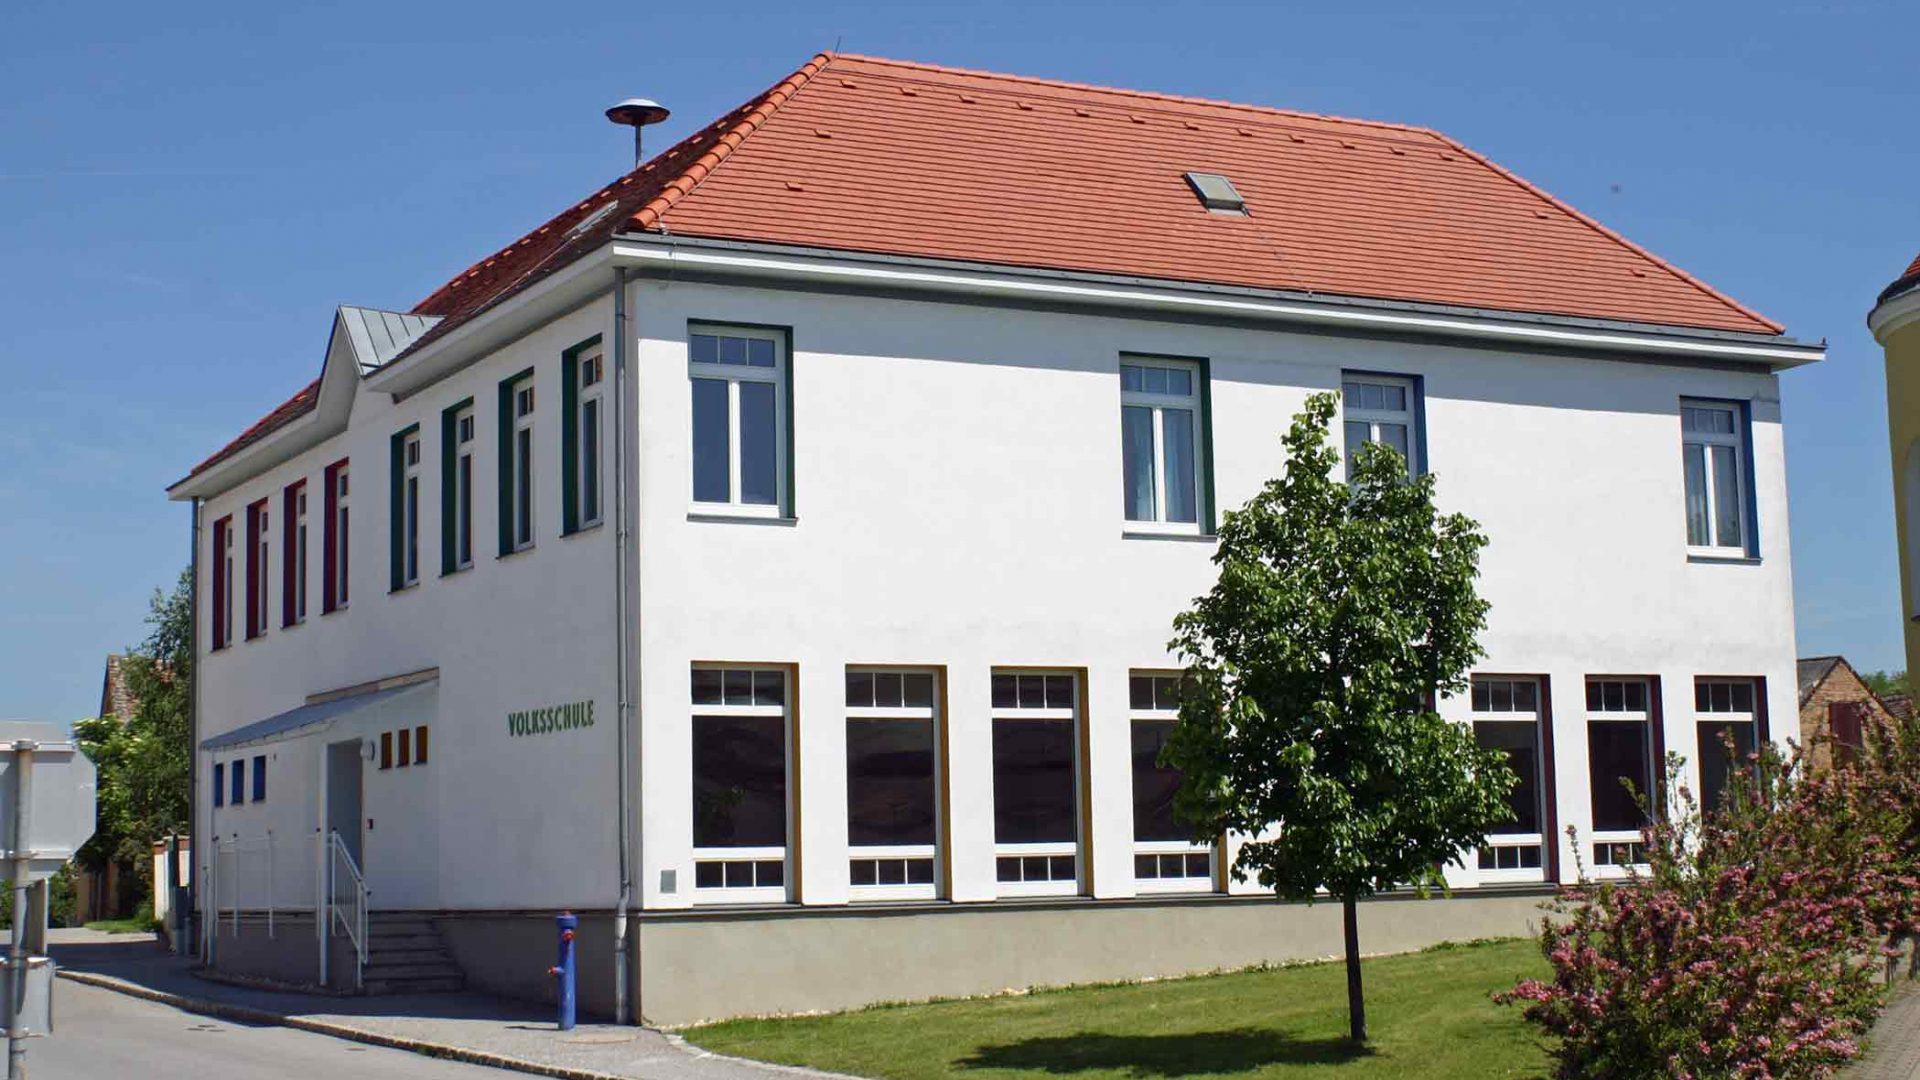 In der Volksschule der Grenzgemeinde Ottenthal lernen alle Kinder Tschechisch. Der Bürgermeister schätzt die Fremdsprachen-Initiative sehr. (Bild: ZVG)